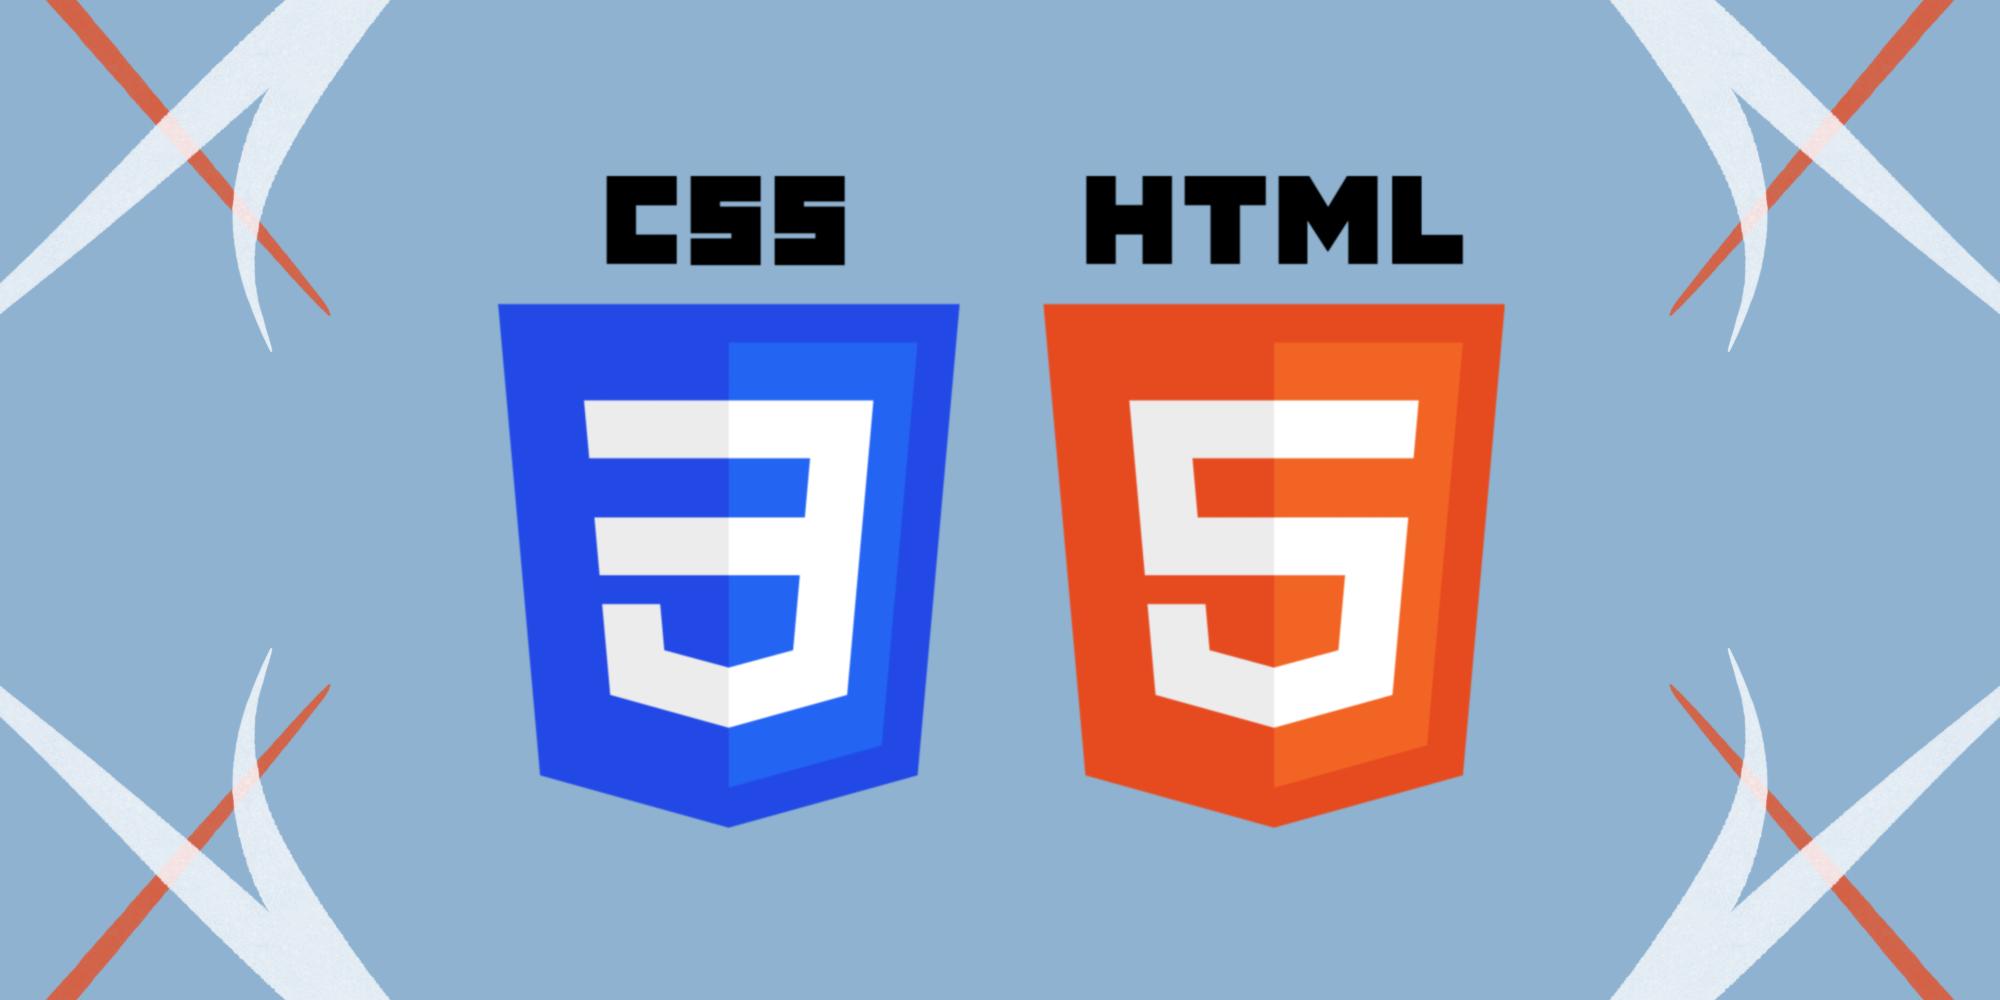 Обучение веб-разработке: руководство по оформлению кода HTML/CSS